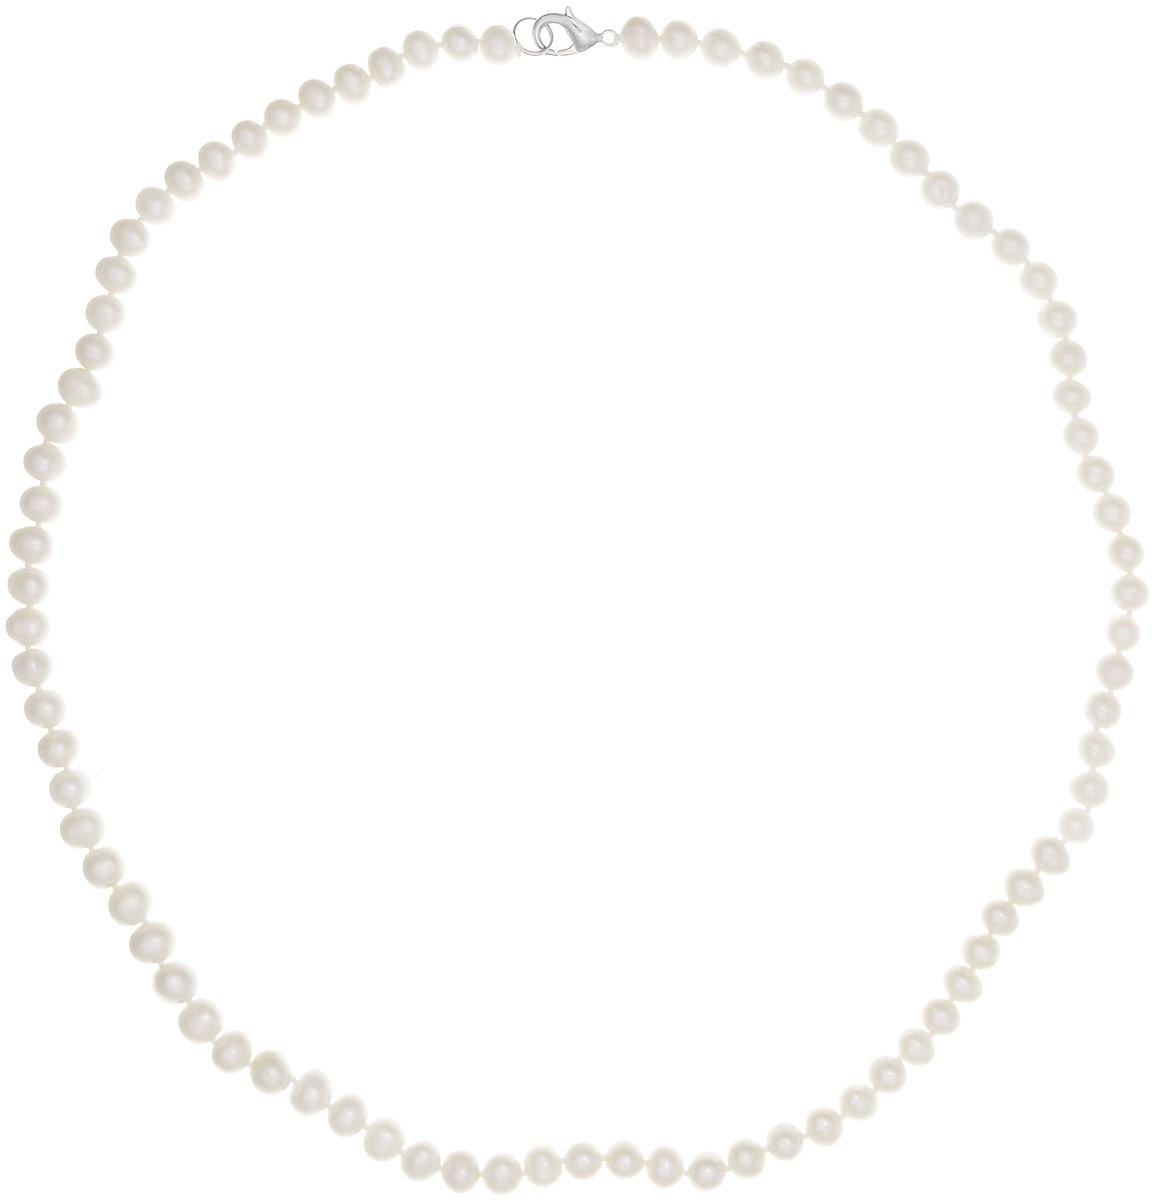 Бусы Art-Silver, цвет: белый, длина 50 см. КЖб8-9-50-533Бусы-ниткаБусы Art-Silver выполнены из культивированного жемчуга, нанизанного на текстильную нить. Украшение имеет удобный замок-карабин из бижутерного сплава.Мелкие бусины диаметром 5-7 мм из натурального культивированного жемчуга нежно-бежевого цвета имеют слегка неоднородную форму, что подчеркивает естественное происхождение жемчужин. Благородный перламутровый блеск жемчуга подчеркнет вашу элегантность и превосходный вкус.